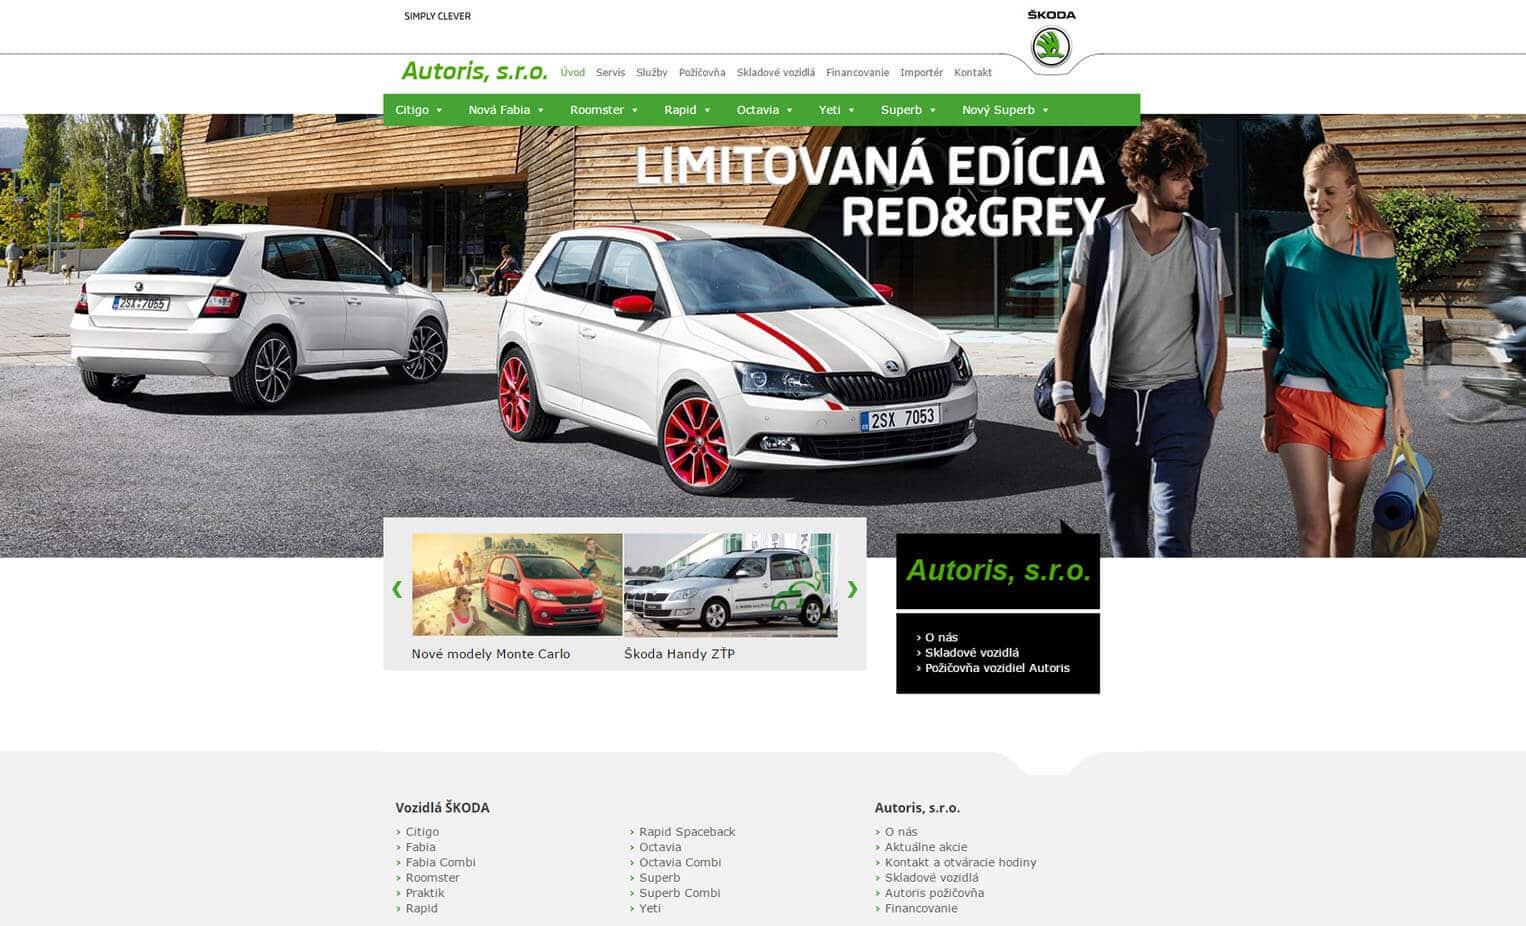 Náhľad web stránky Škoda po redizajne